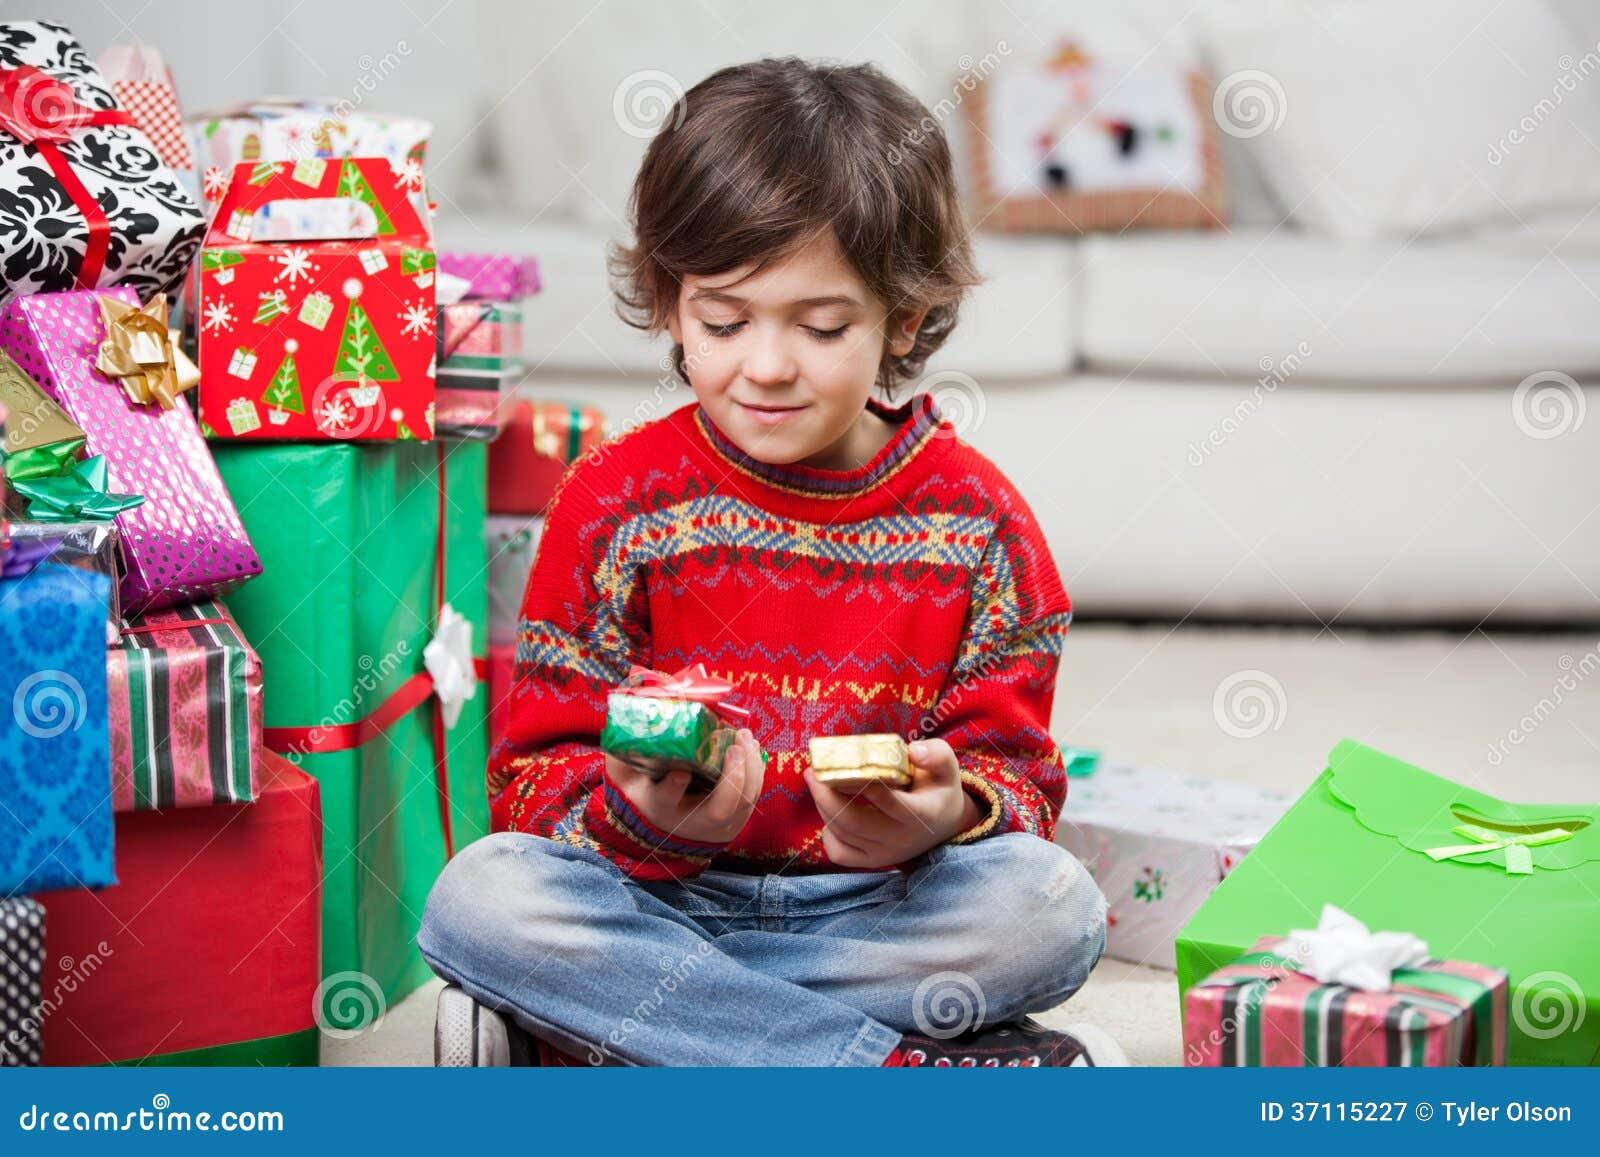 Junge, Der Weihnachtsgeschenke Betrachtet Stockbild - Bild von ...